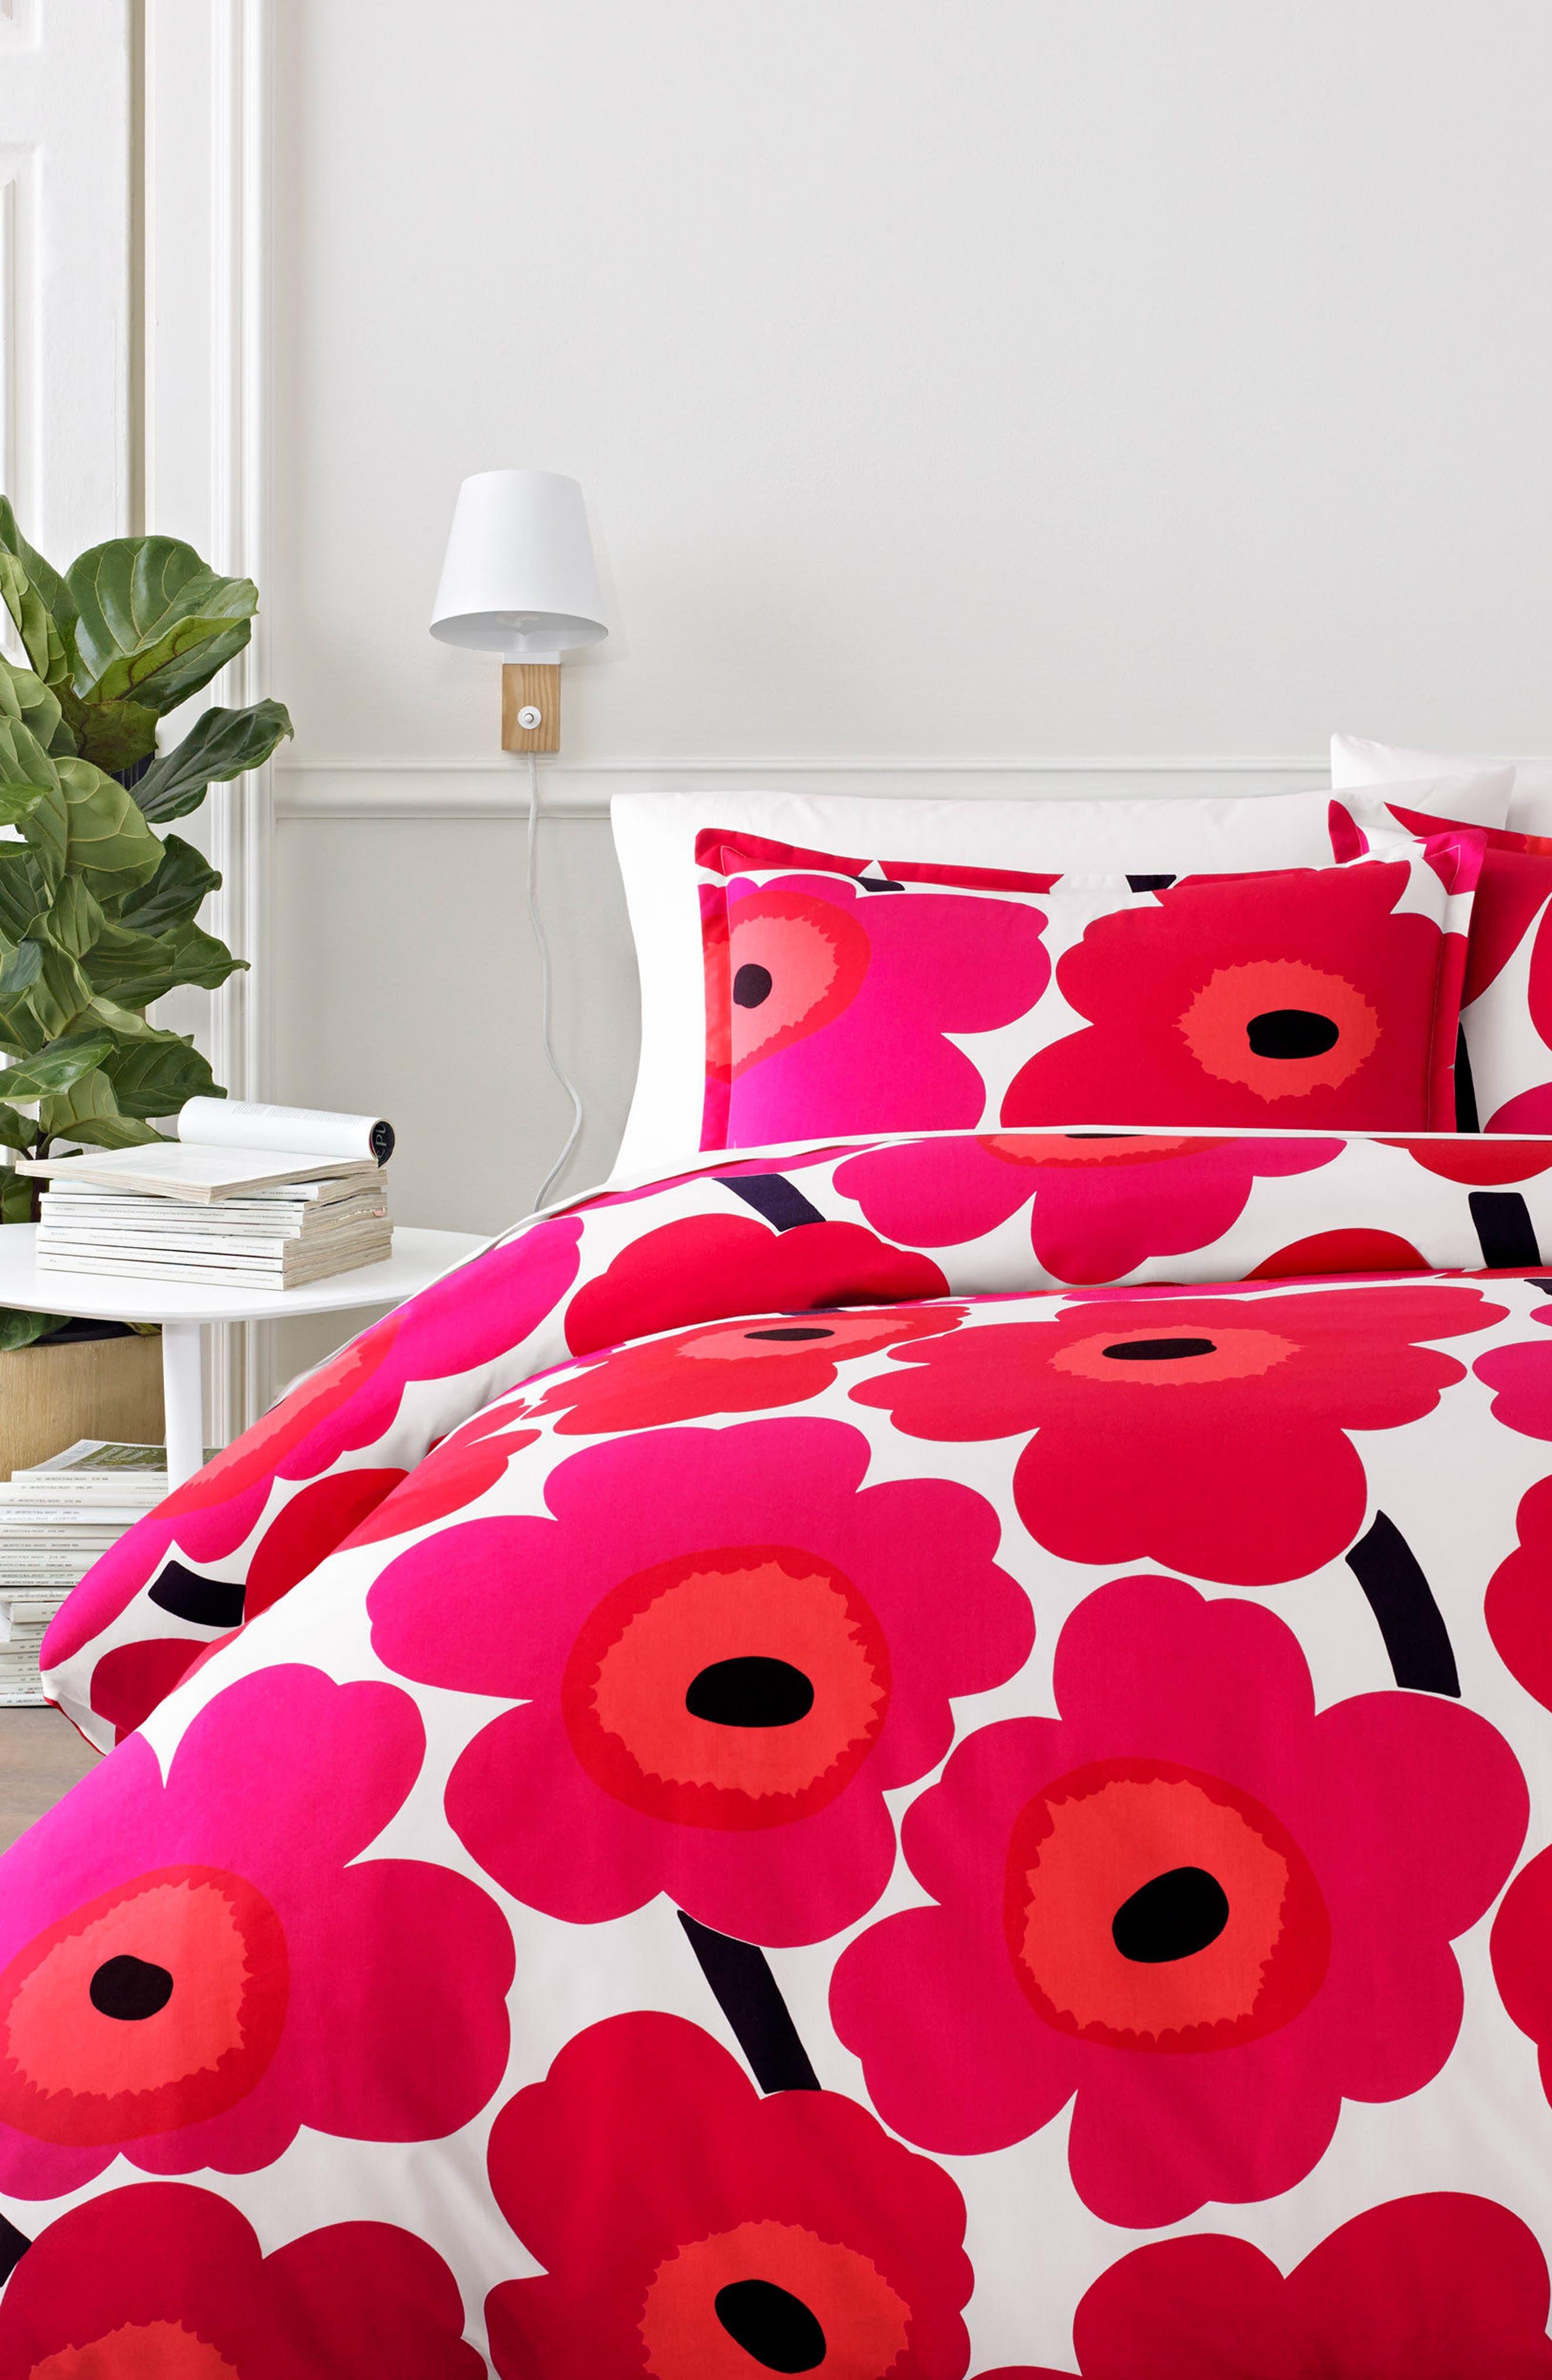 Unikko Comforter & Sham Set,                             Main thumbnail 2, color,